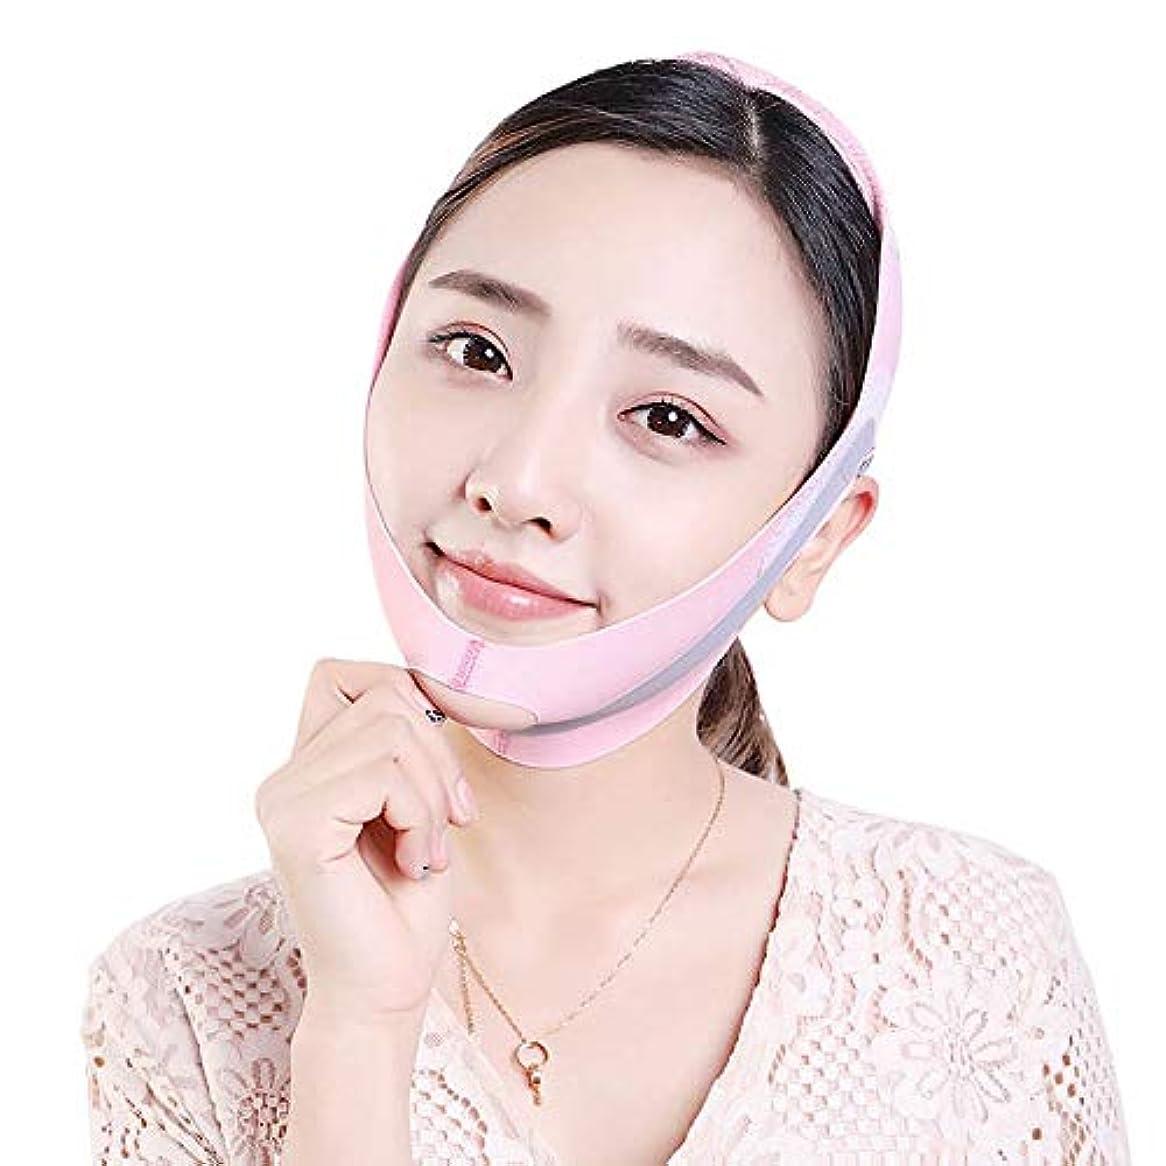 プレーヤー広告する経済的Jia Jia- たるみを防ぐために顔を持ち上げるために筋肉を引き締めるために二重あごのステッカーとラインを削除するために、顔を持ち上げるアーティファクト包帯があります - ピンク 顔面包帯